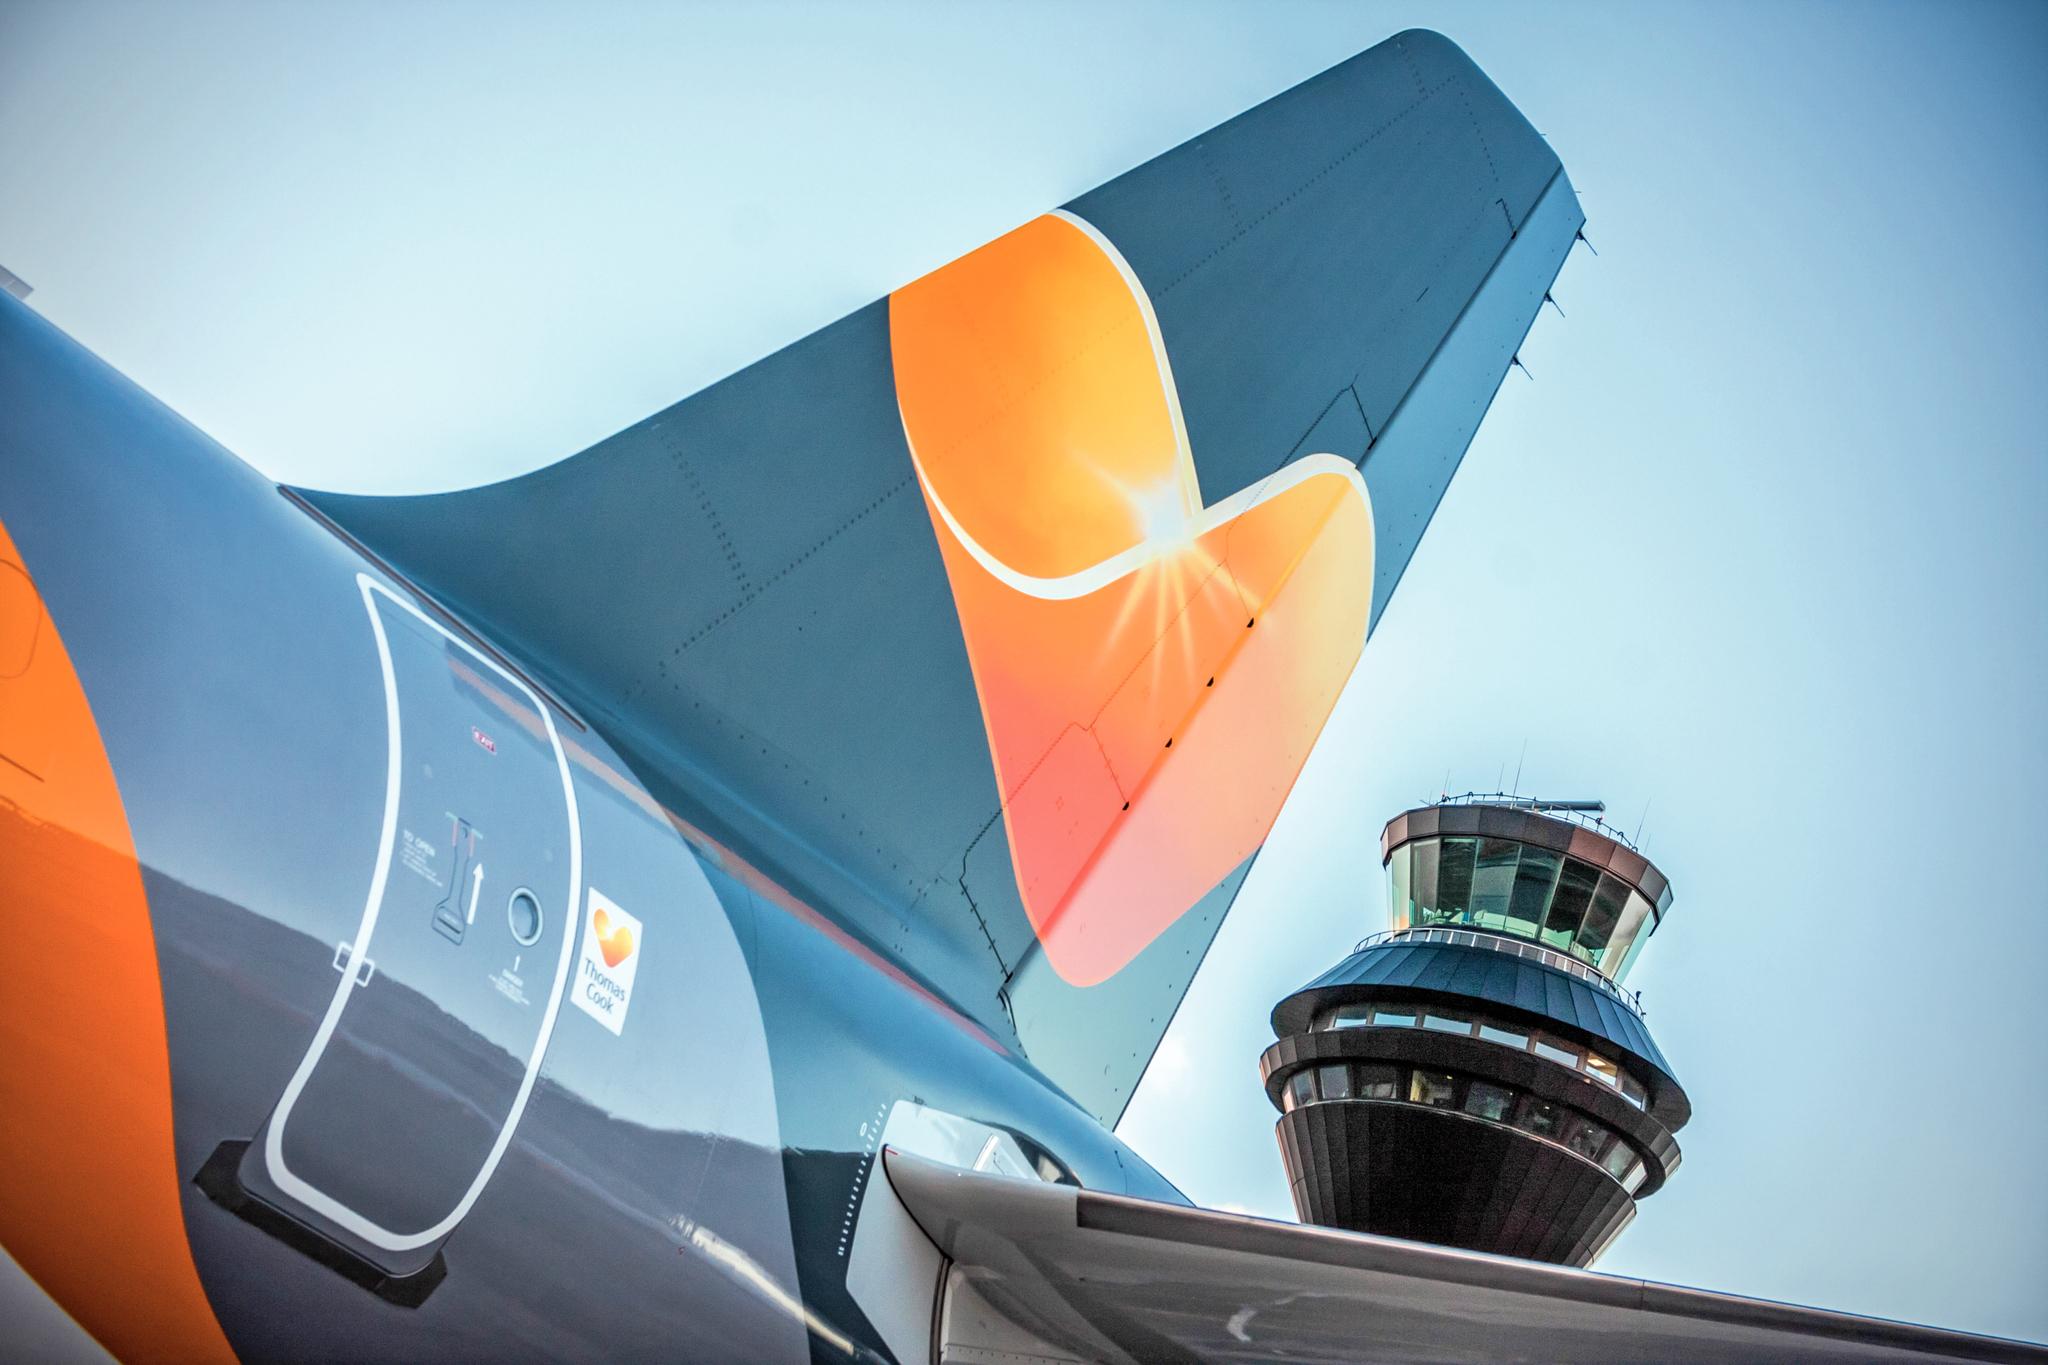 Nordic Leisure Travel Group med blandt andet Spies og Sunclass Airlines står foran en sparerunde, der skal reducere omkostninger op til 30 procent. Arkivpressefoto.